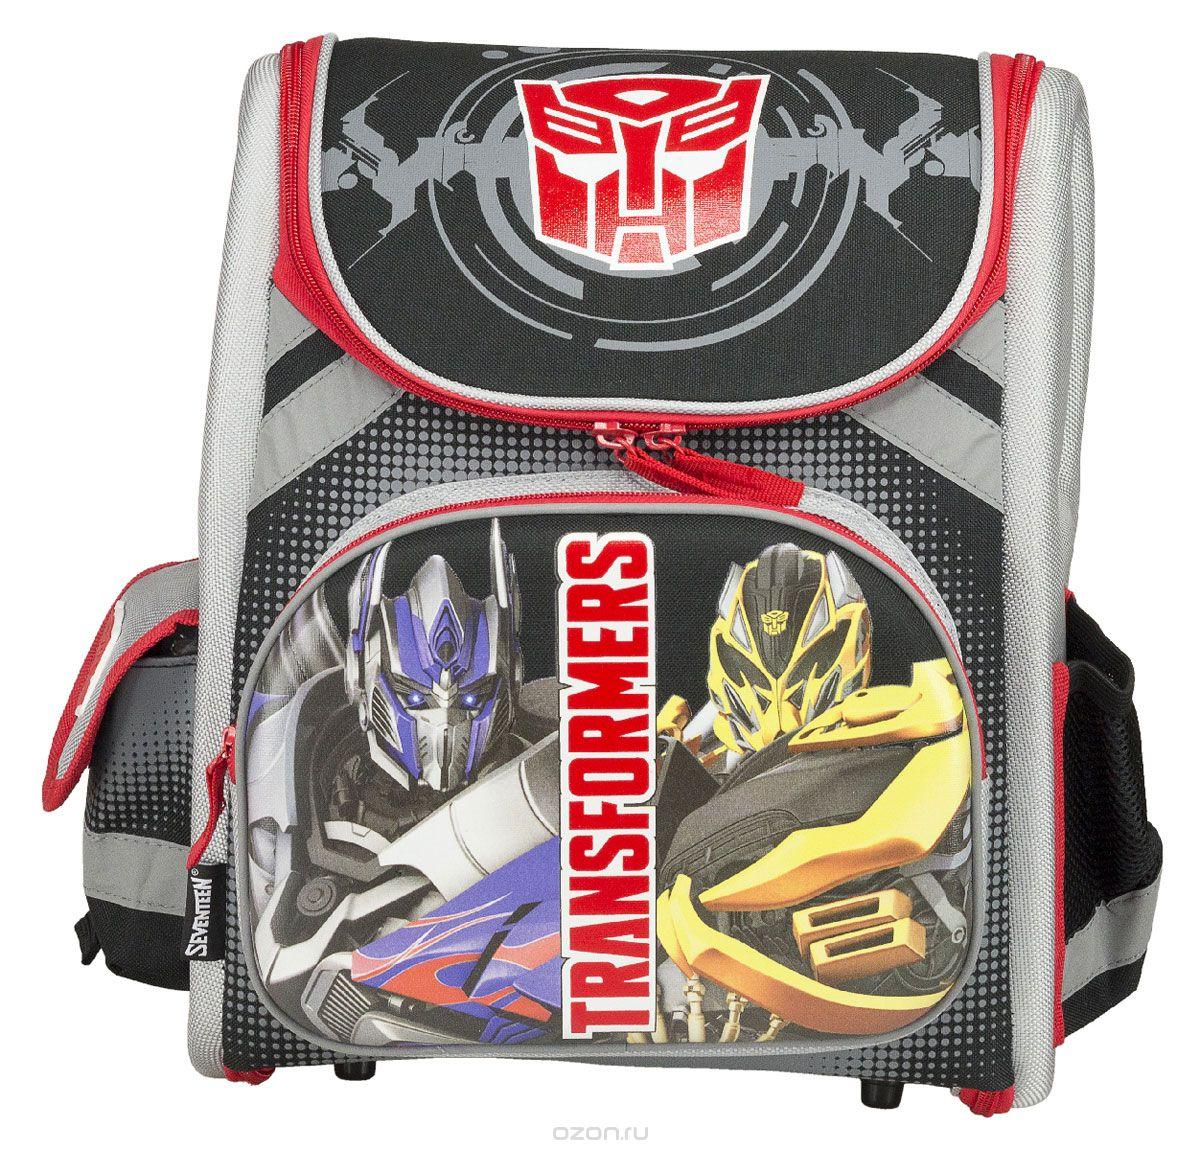 Ранец школьный Transformers ранец kite kite ранец школьный 529 каркасный speed